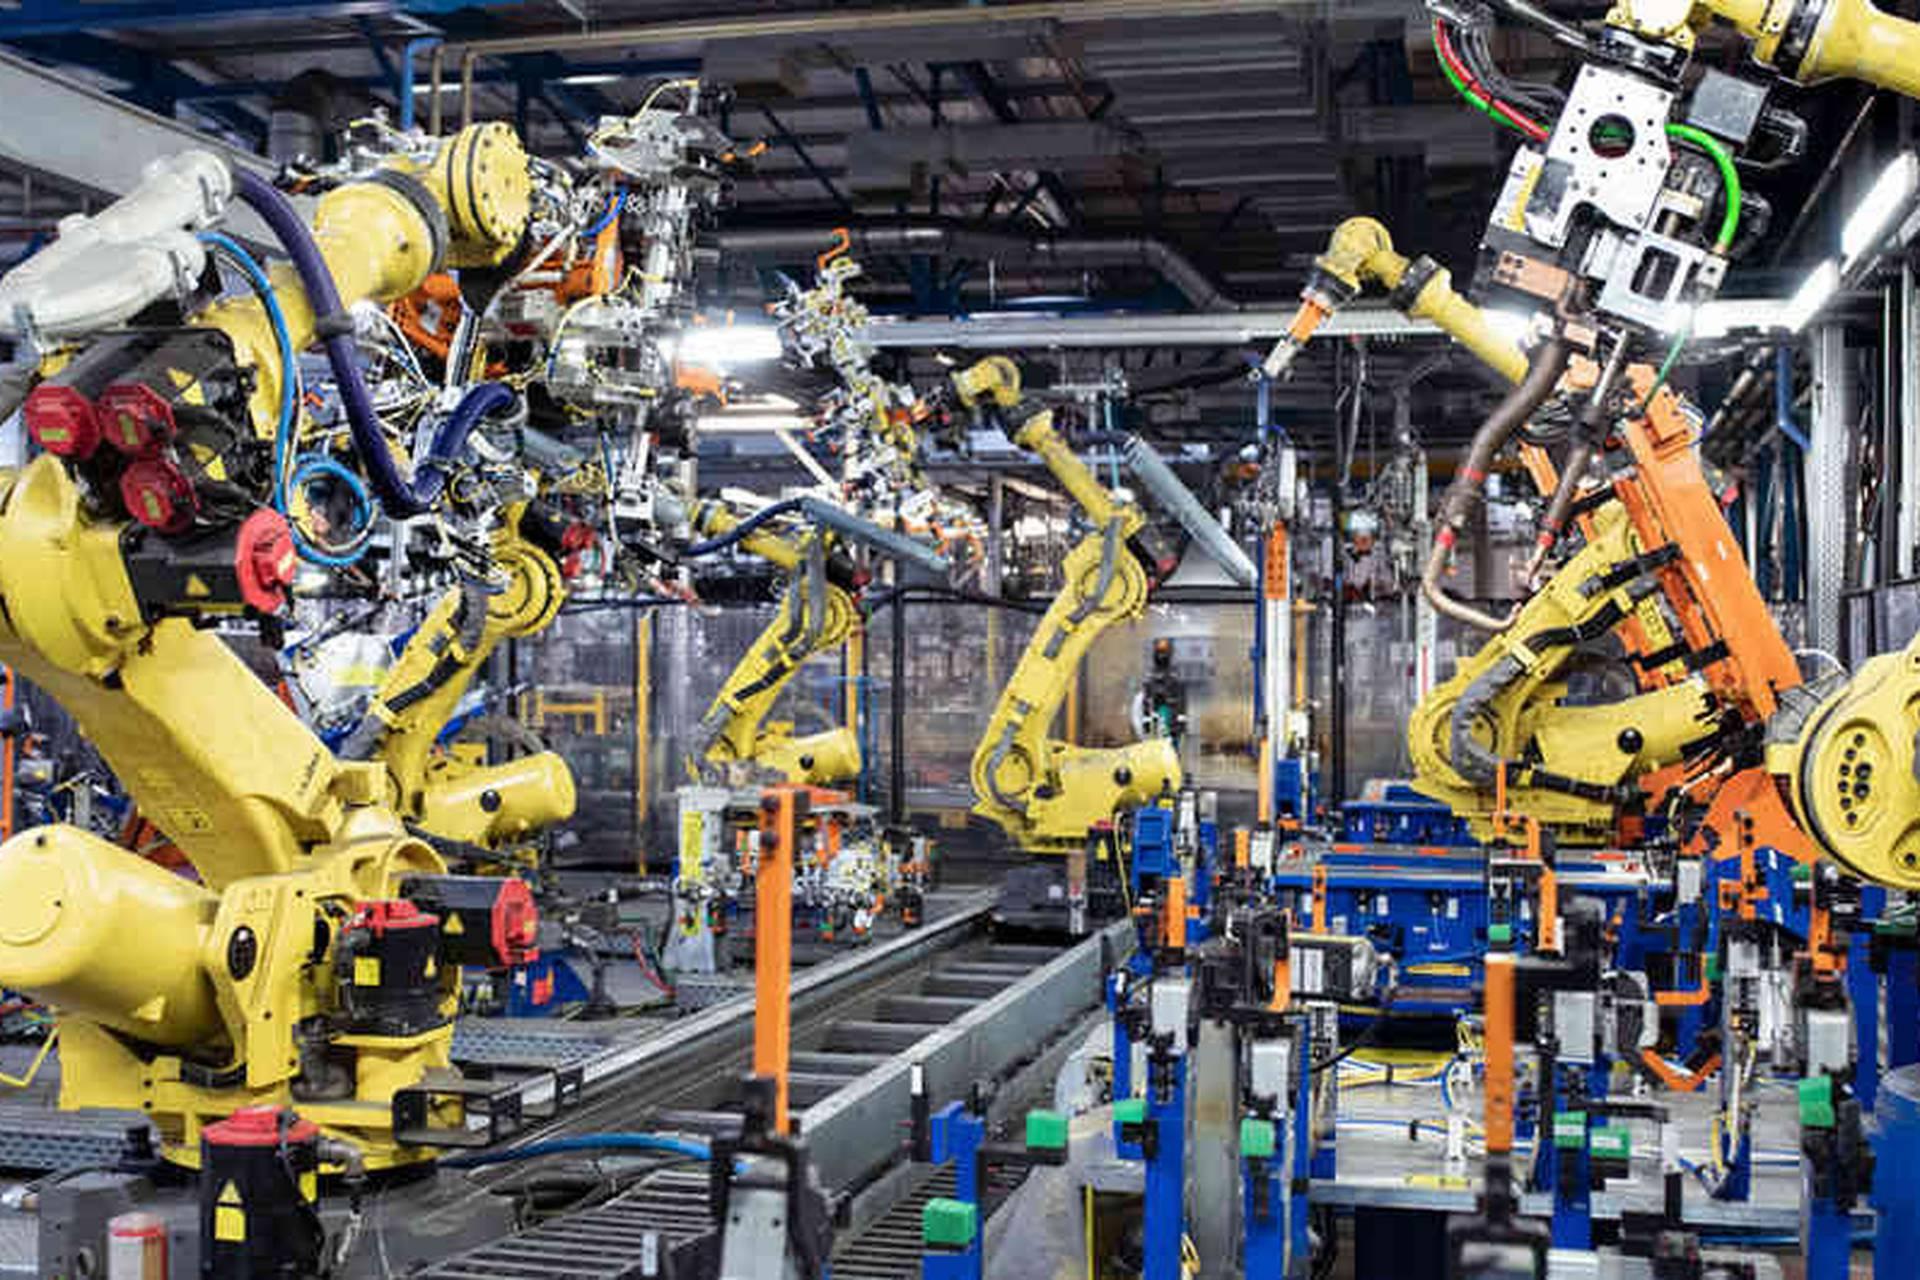 El informe titulado El futuro del trabajo 2020 aborda el papel que jugará la automatización y las nuevas tendencias tecnológicas en la transformación del mercado laboral durante los próximos años.